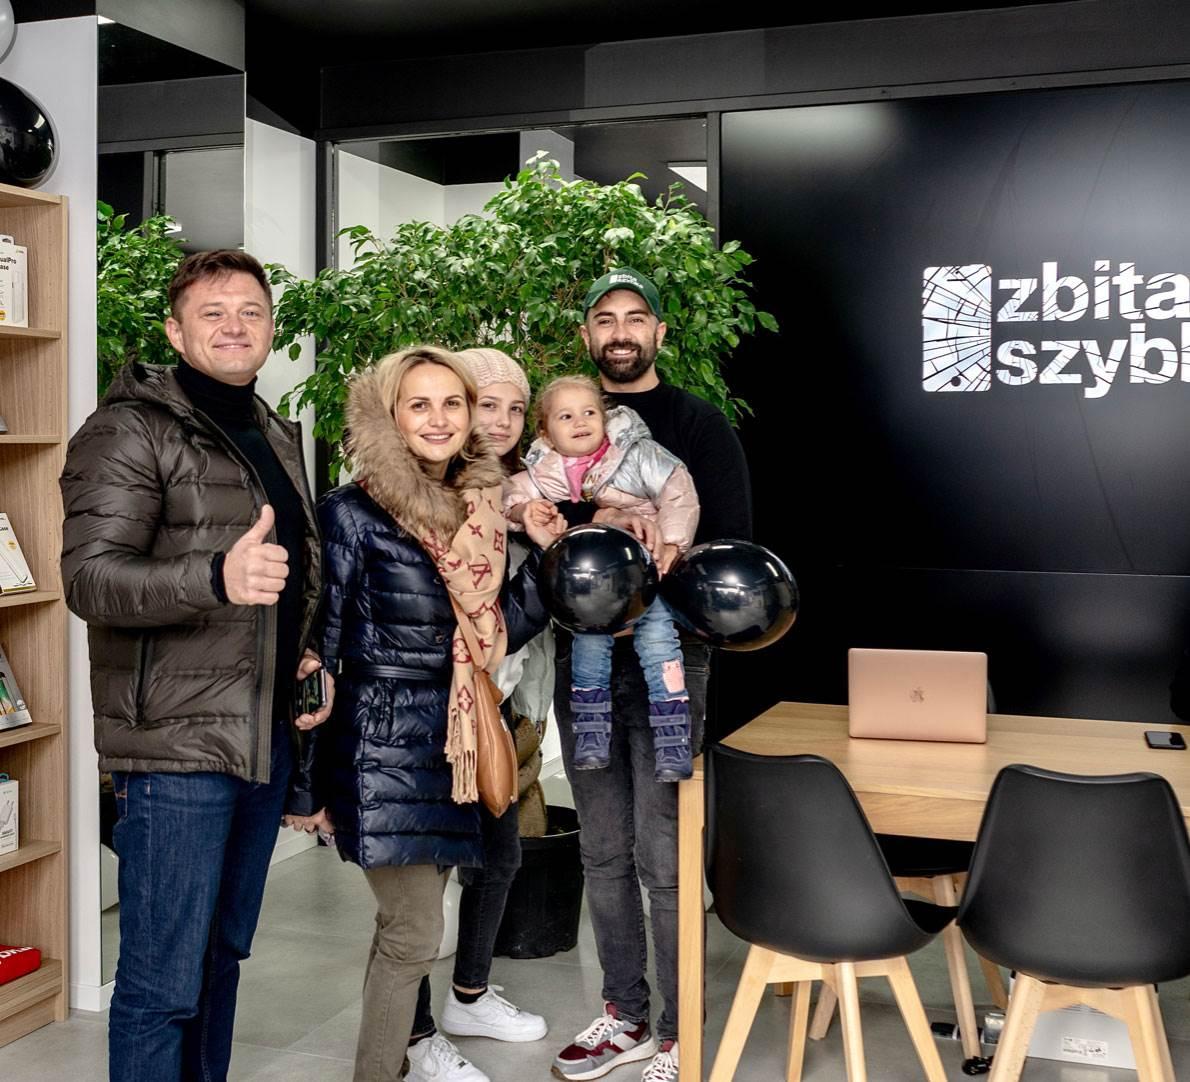 ZbitaSzybka.pl nie zwalnia tempa i otwiera 15 salon w Polsce: Warszawa, Leszno 8 ciekawostki ZbitaSzybka.pl, zbitaszybka, serwis iPhone  ZbitaSzybka.pl to ogólnopolska sieć serwisów sprzętu Apple. Szczycą się, że do tej pory naprawili ponad 100 000 urządzeń takich jak iPhone, MacBook, iPad czy Apple Watch. zbitaszybka 6